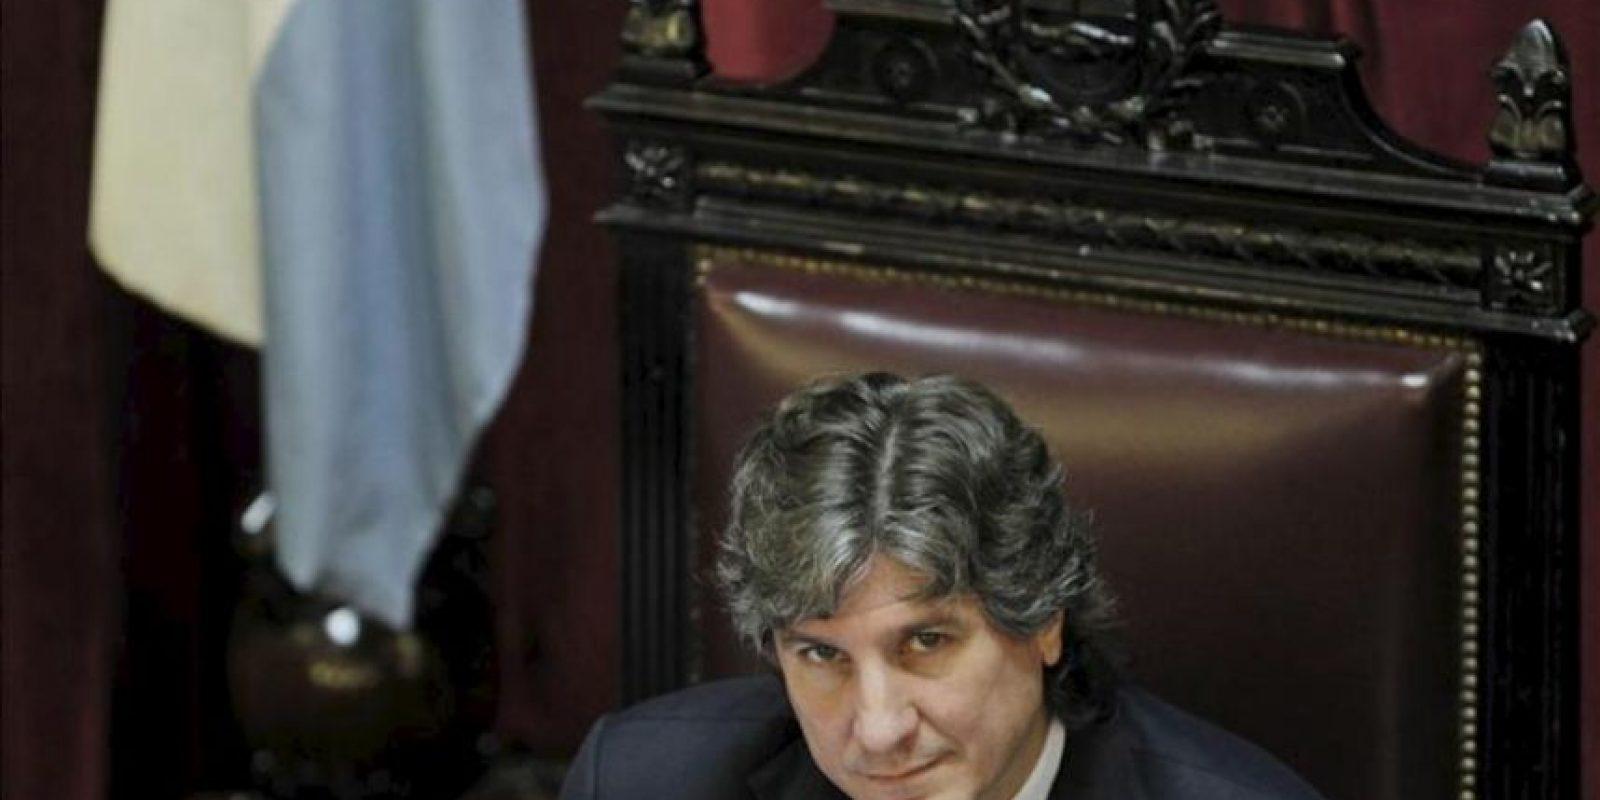 El vicepresidente de Argentina y presidente del Senado, Amado Boudou, participa en el debate sobre el proyecto de ley que impulsa el Gobierno para la expropiación del 51 por ciento de las acciones de la petrolera YPF a la española Repsol en Buenos Aires (Argentina).EFE